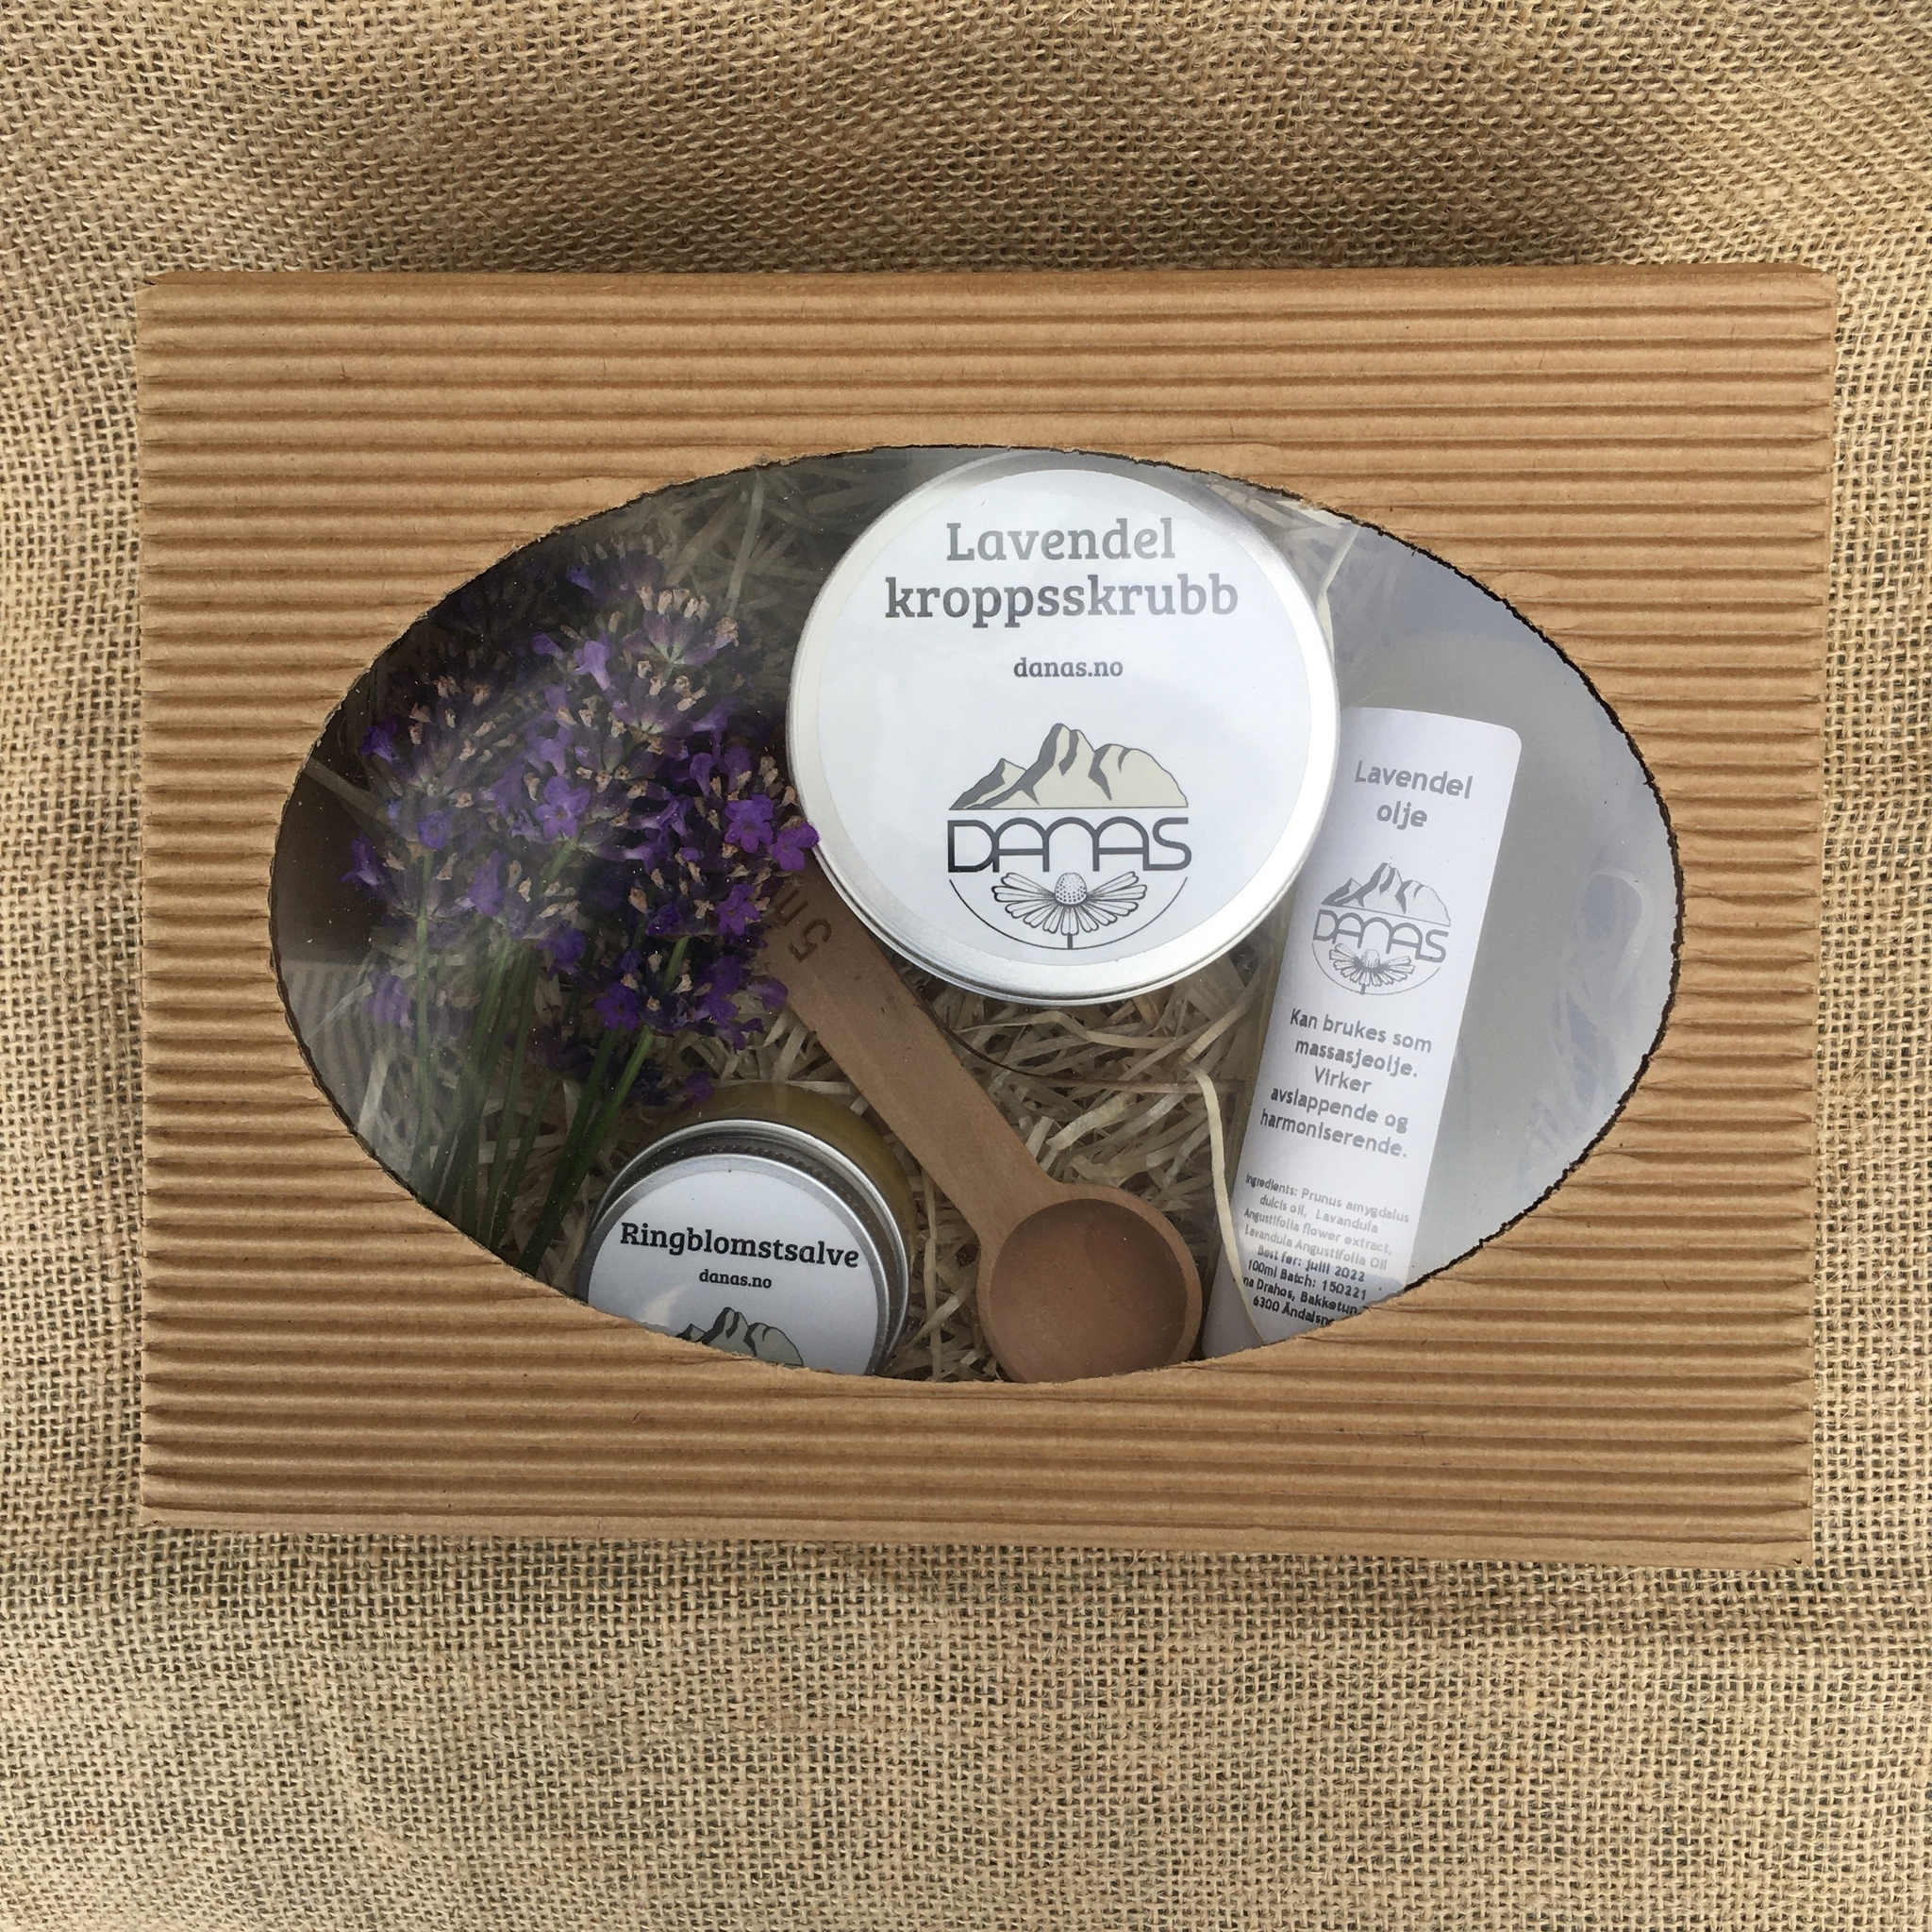 Gavesett: Lavendelolje, lavendel kroppsskrubb, ringblomstsalve